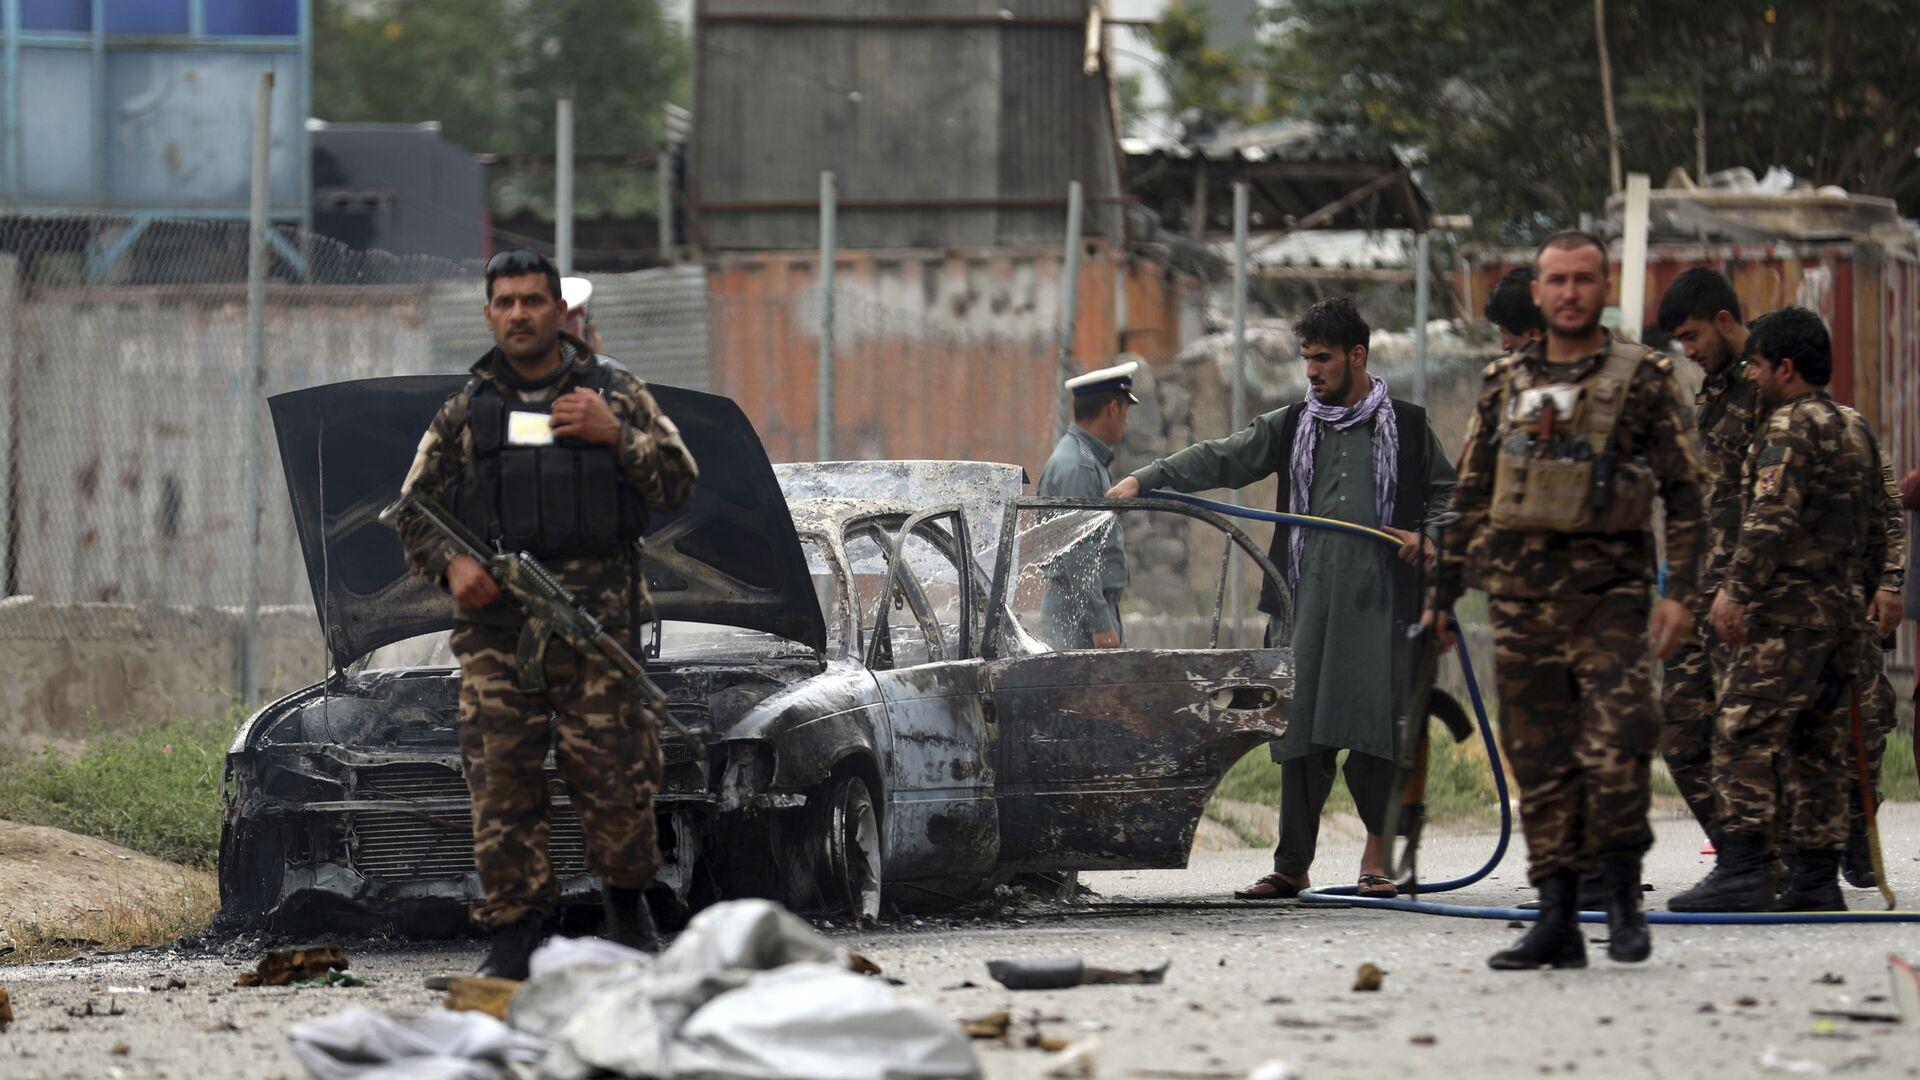 Сотрудники службы безопасности осматривают поврежденный автомобиль, поврежденный во время обстрела Кабула - Sputnik Česká republika, 1920, 18.08.2021